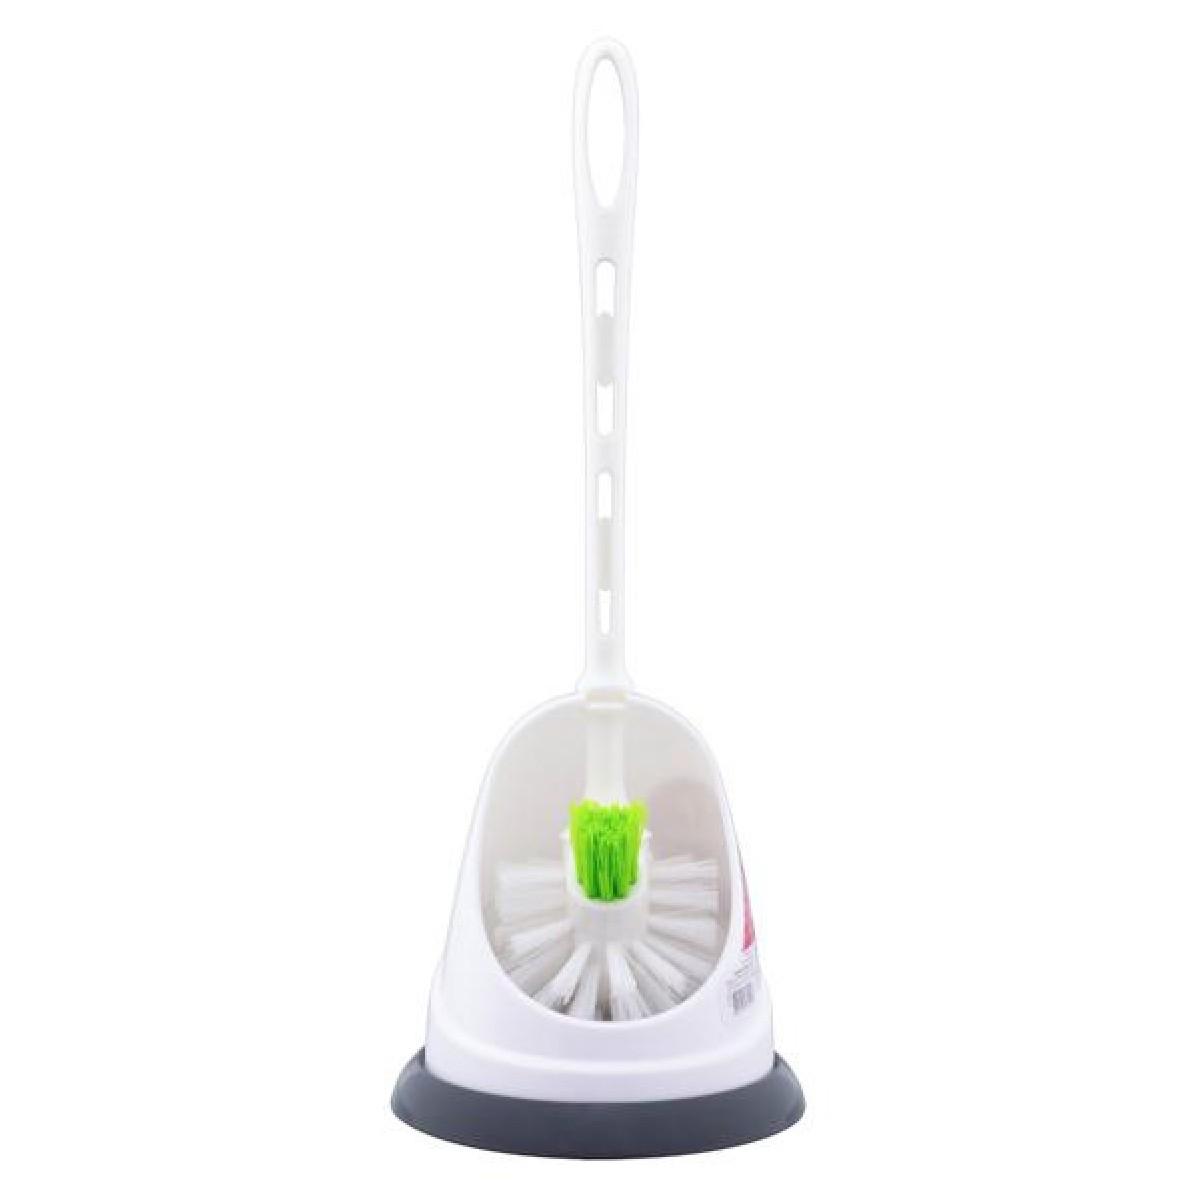 Escova Sanitária Banheiro C/ Suporte Condor 6100